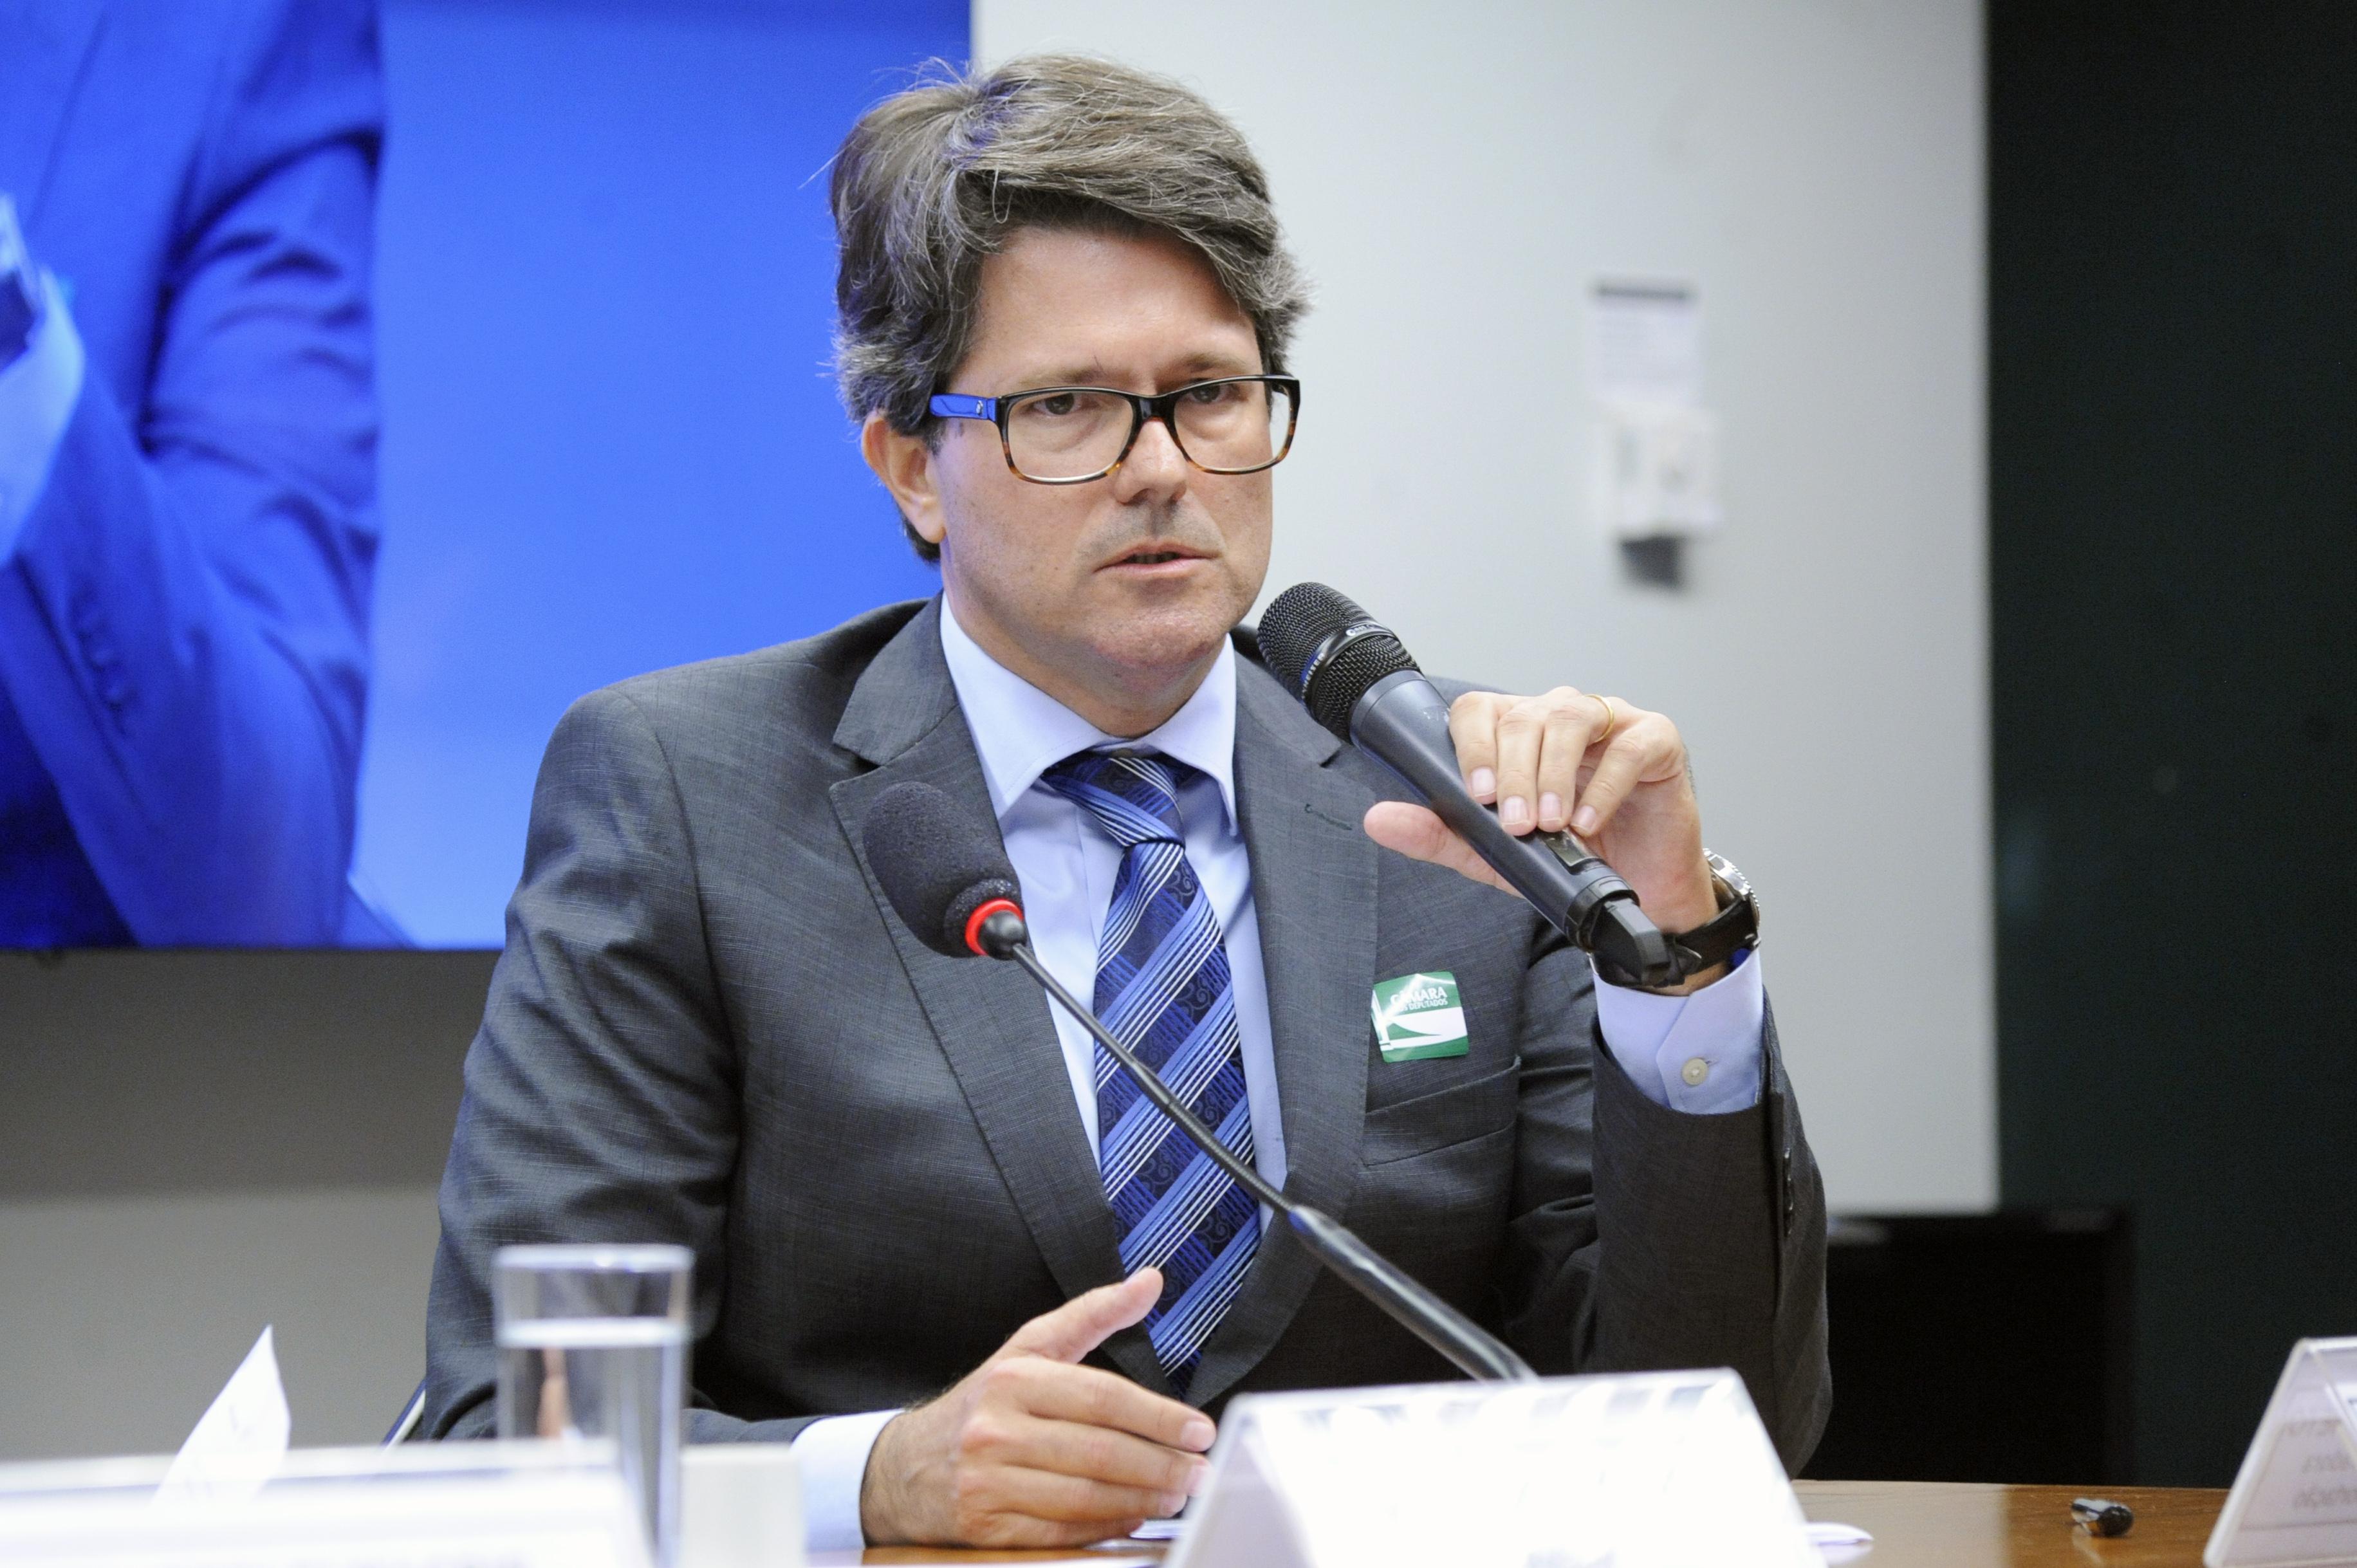 Reunião ordinária para tomada de depoimento. Ex-Gerente de Risco da Seguradora Brasileira de Crédito à Exportação, Rubens Benevides Férrer Neto